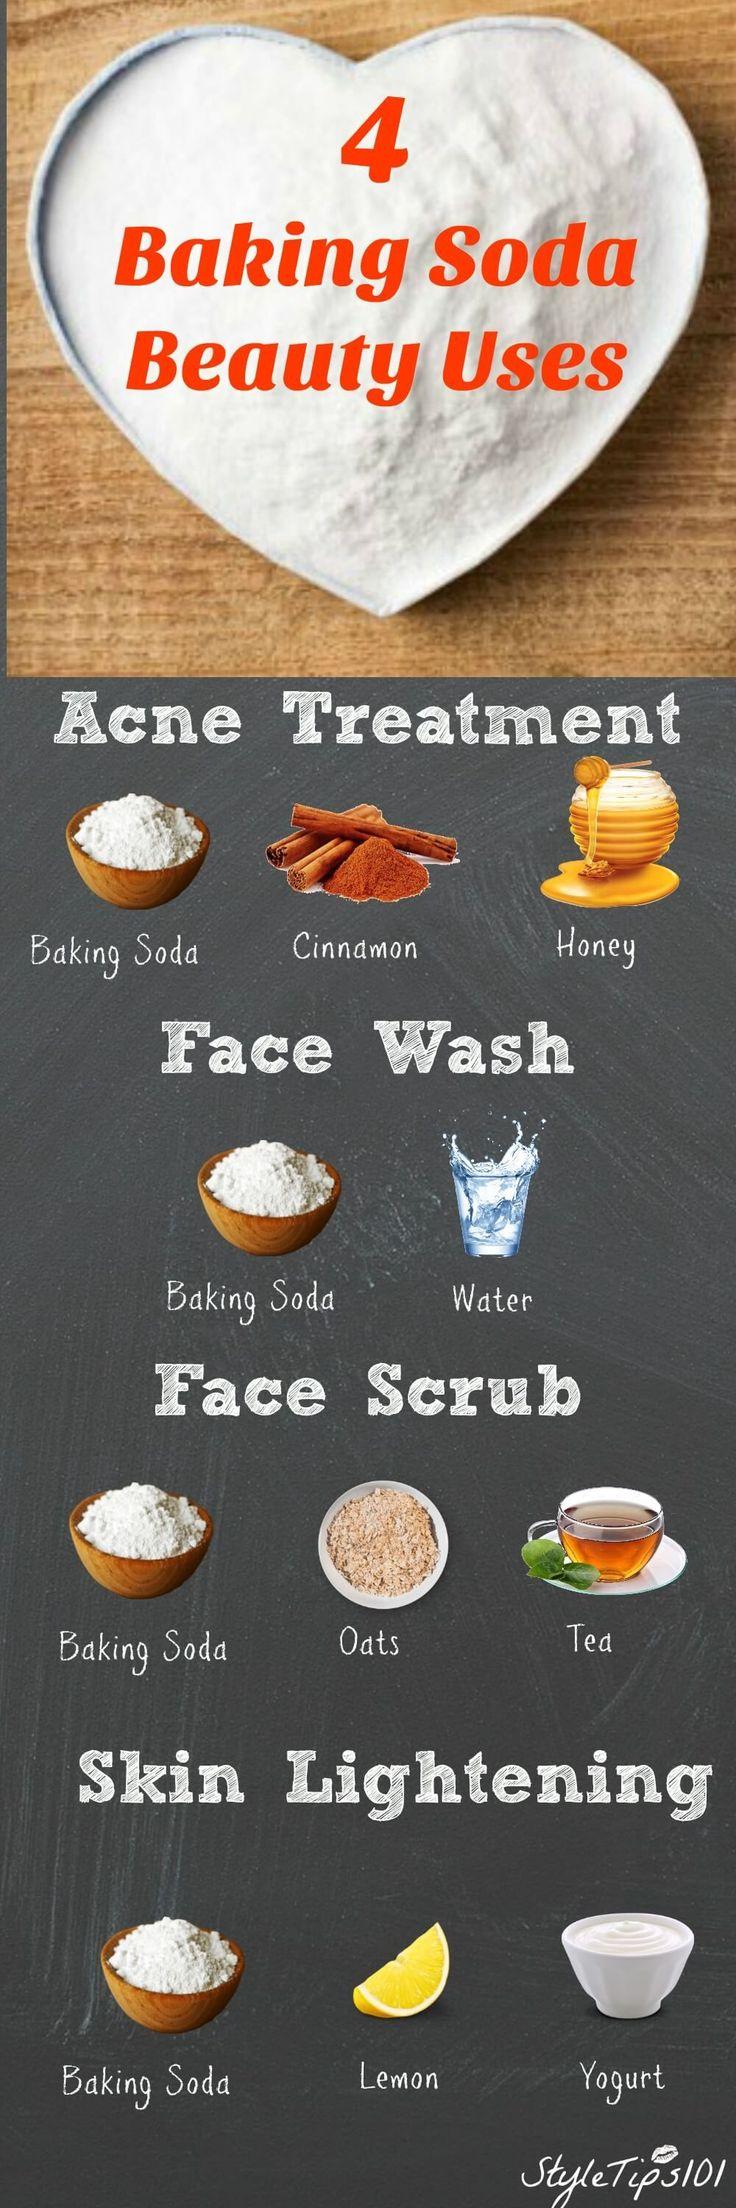 4 Baking Soda Beauty Uses